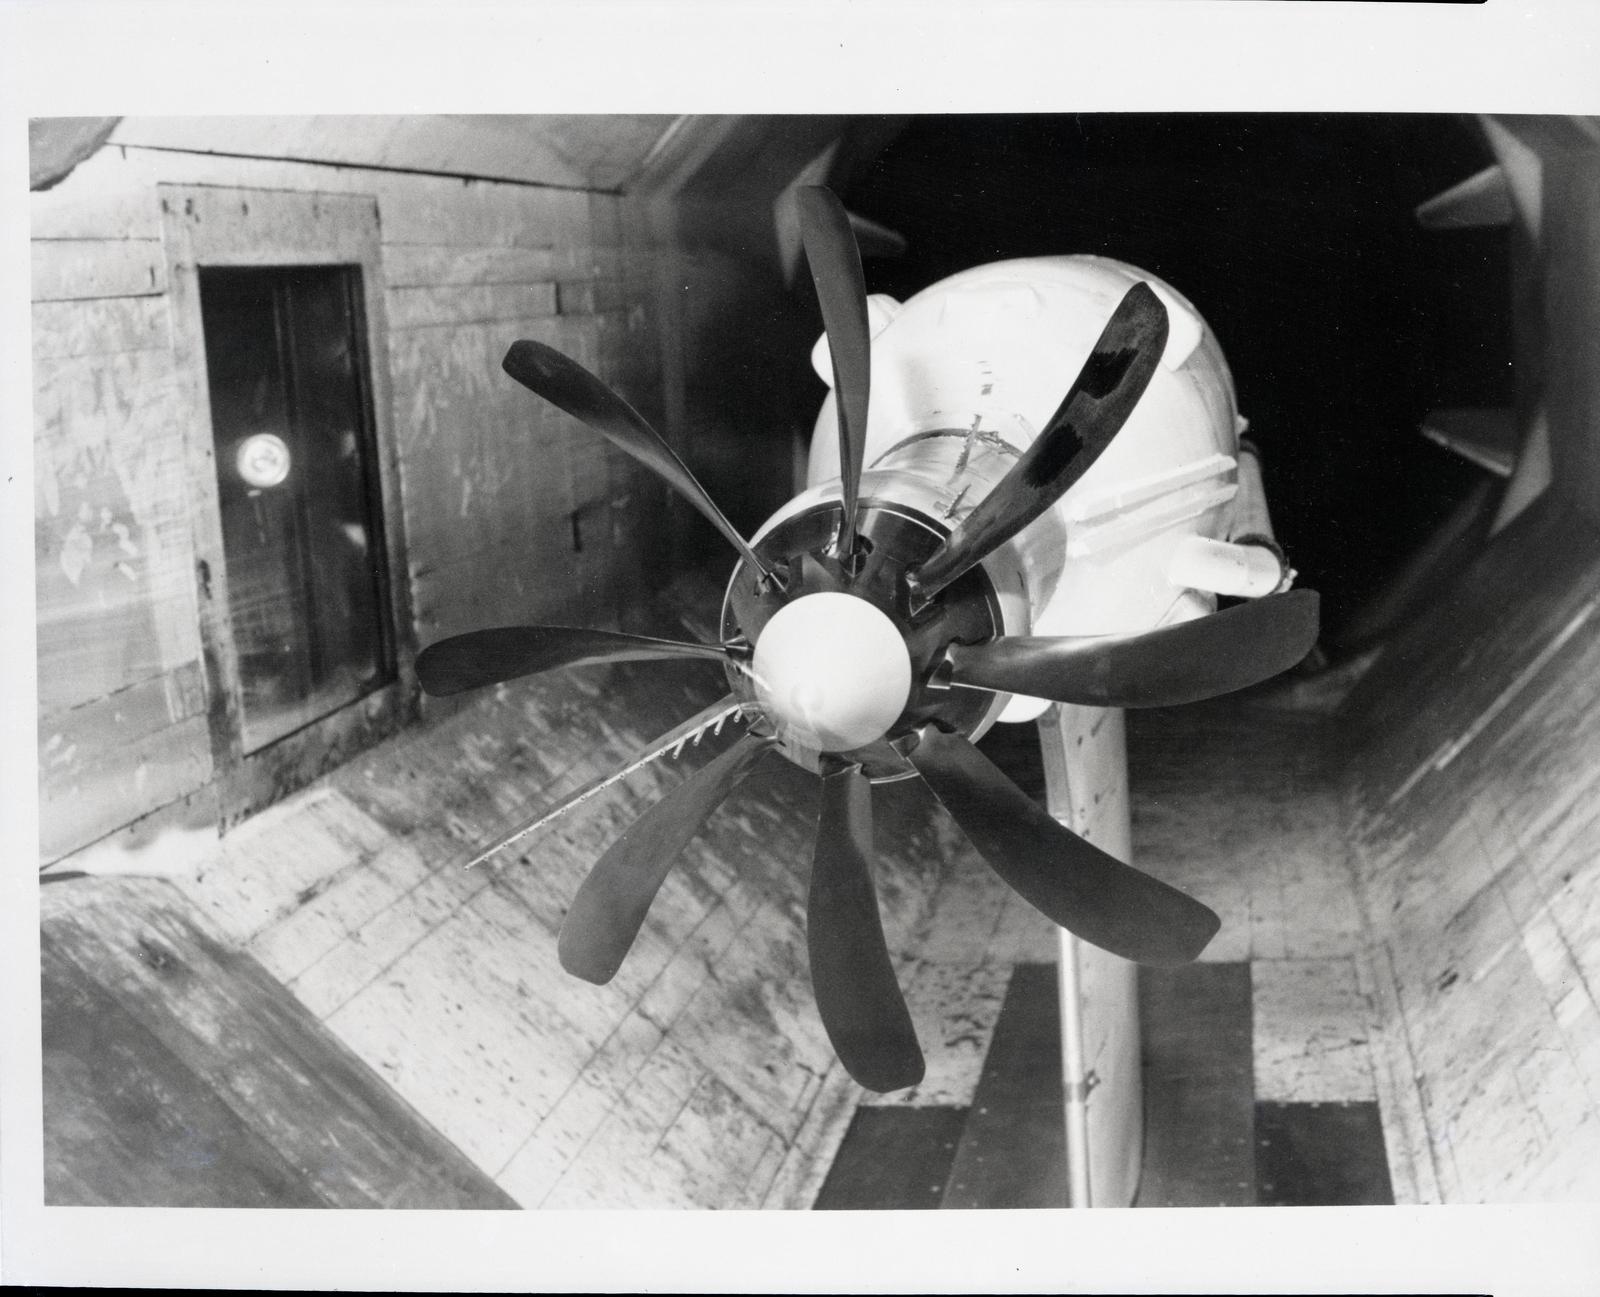 SR-1 Advanced Turboprop (Propfan) Propeller in Hamilton Standard Wind Tunnel